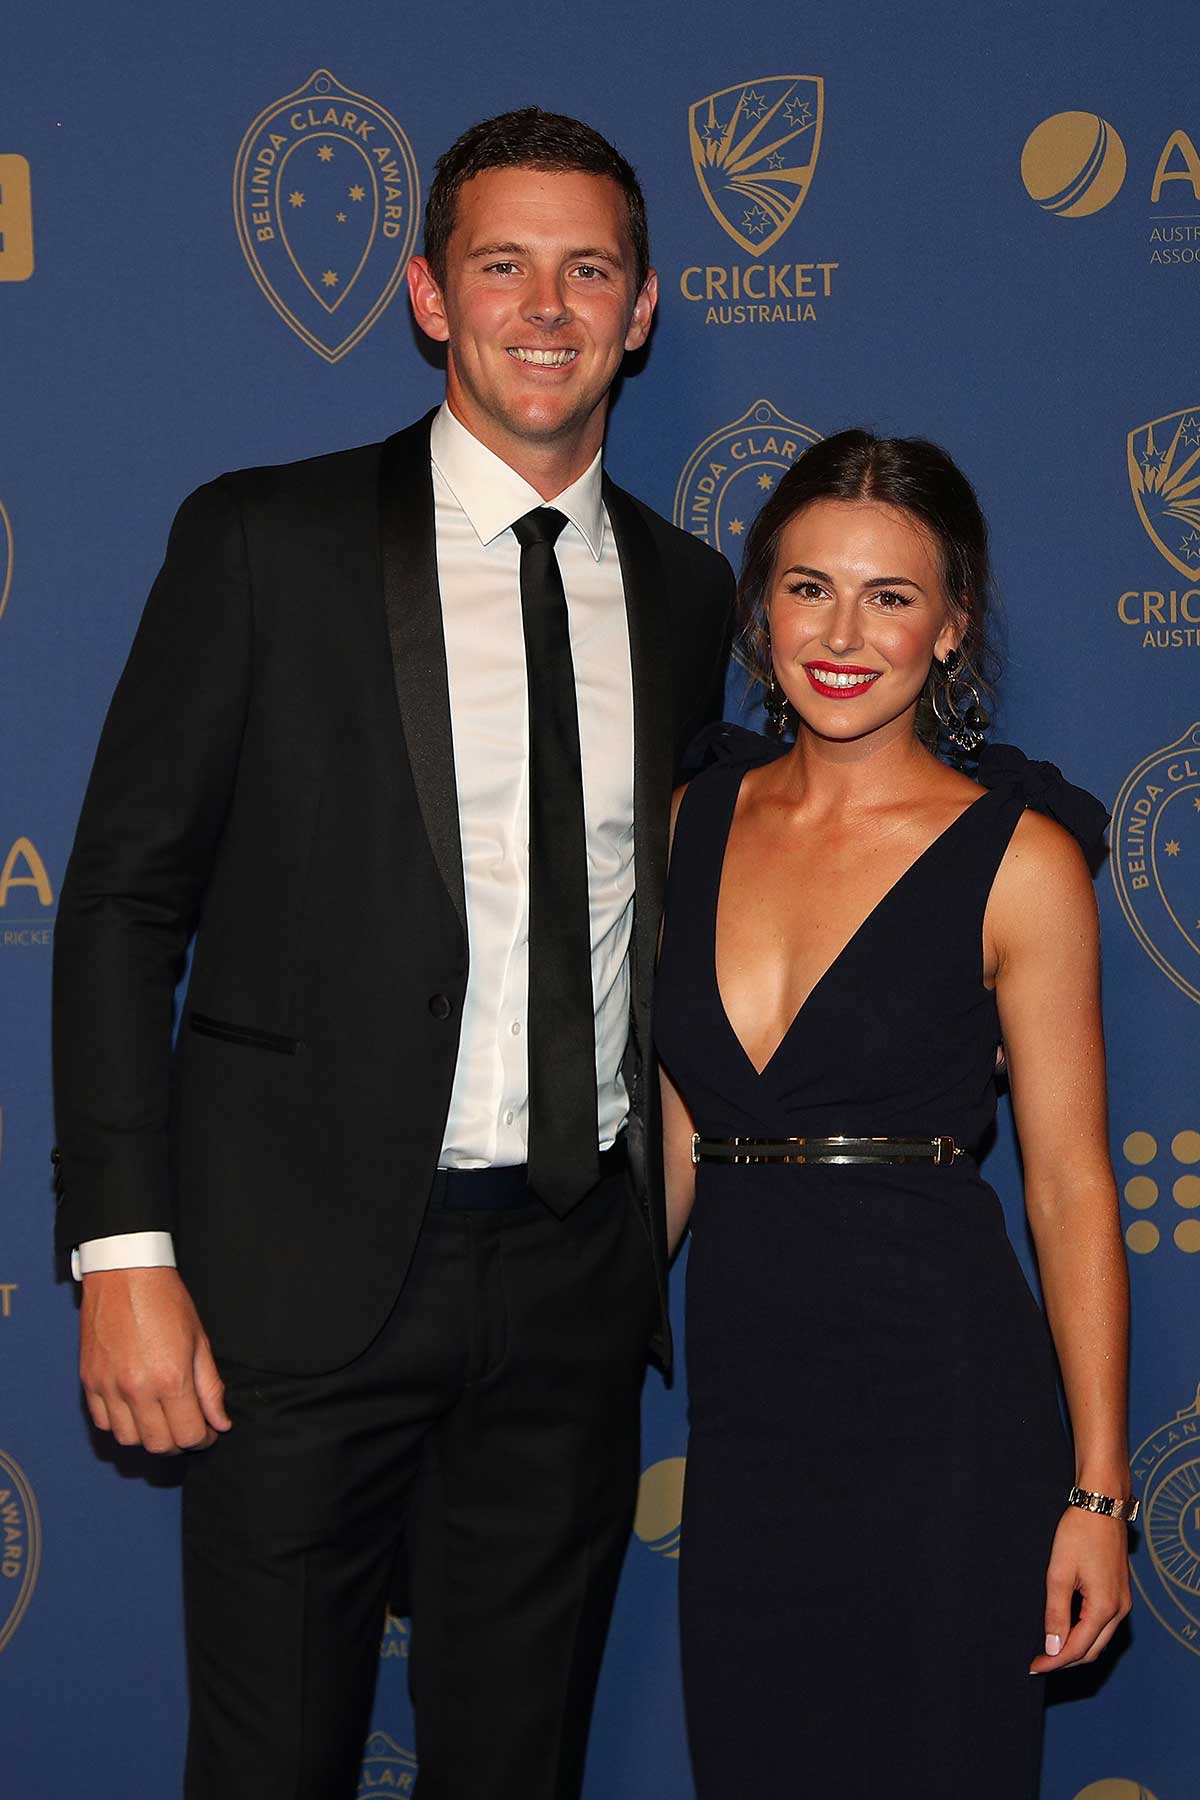 Aussie quick Josh Hazlewood and Cheri Christian // Getty